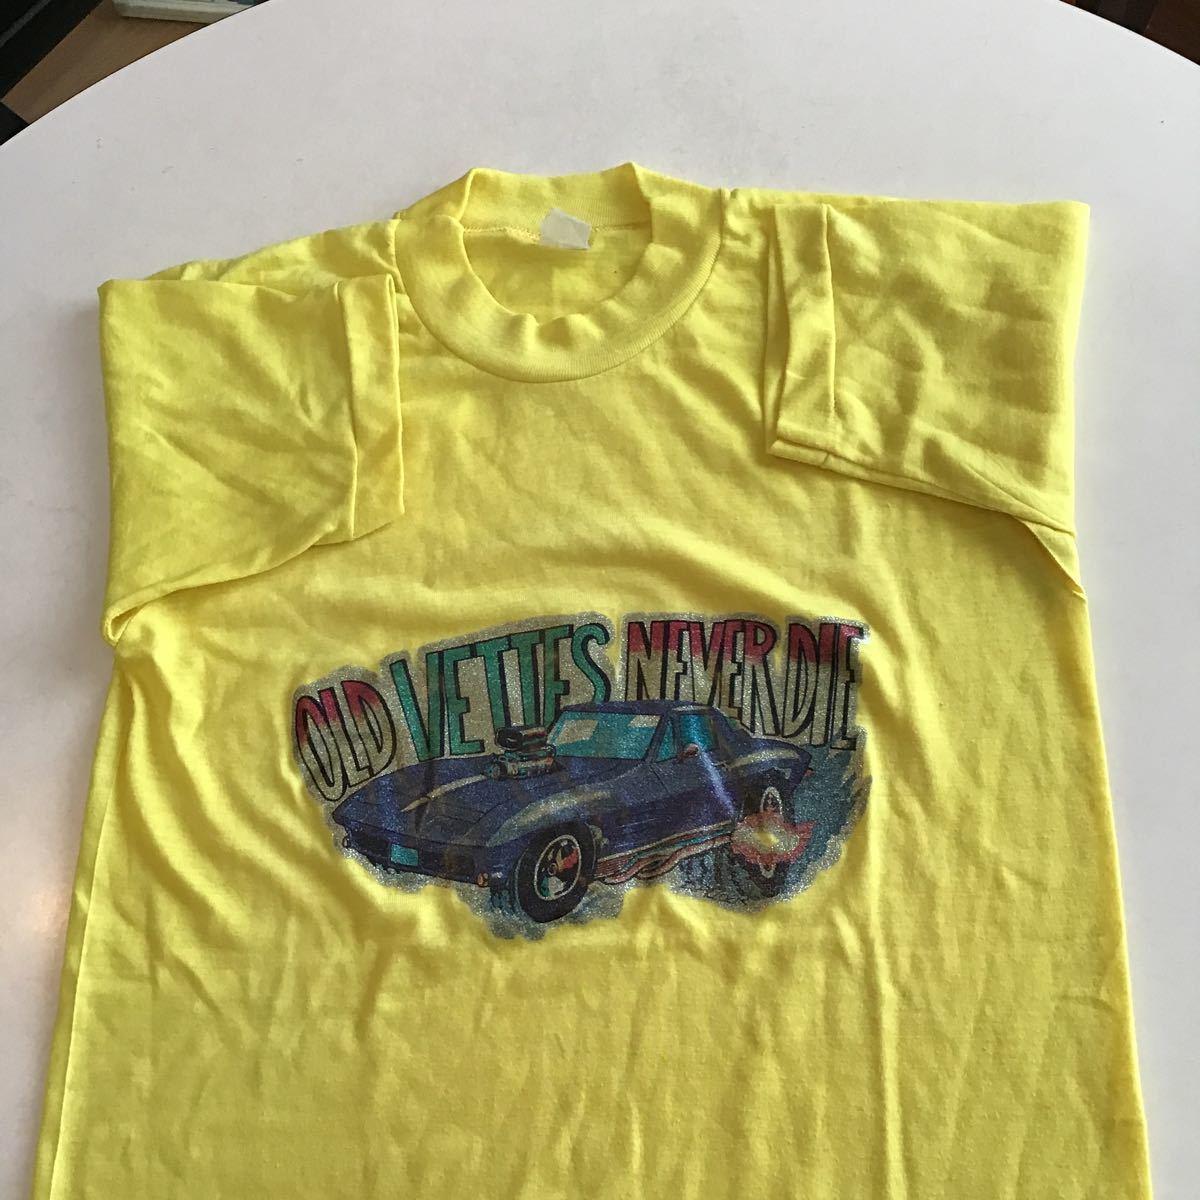 ビンテージプリントTシャツ古着アメカジUSAF&E70年代マイフリーダムアメ車_画像5